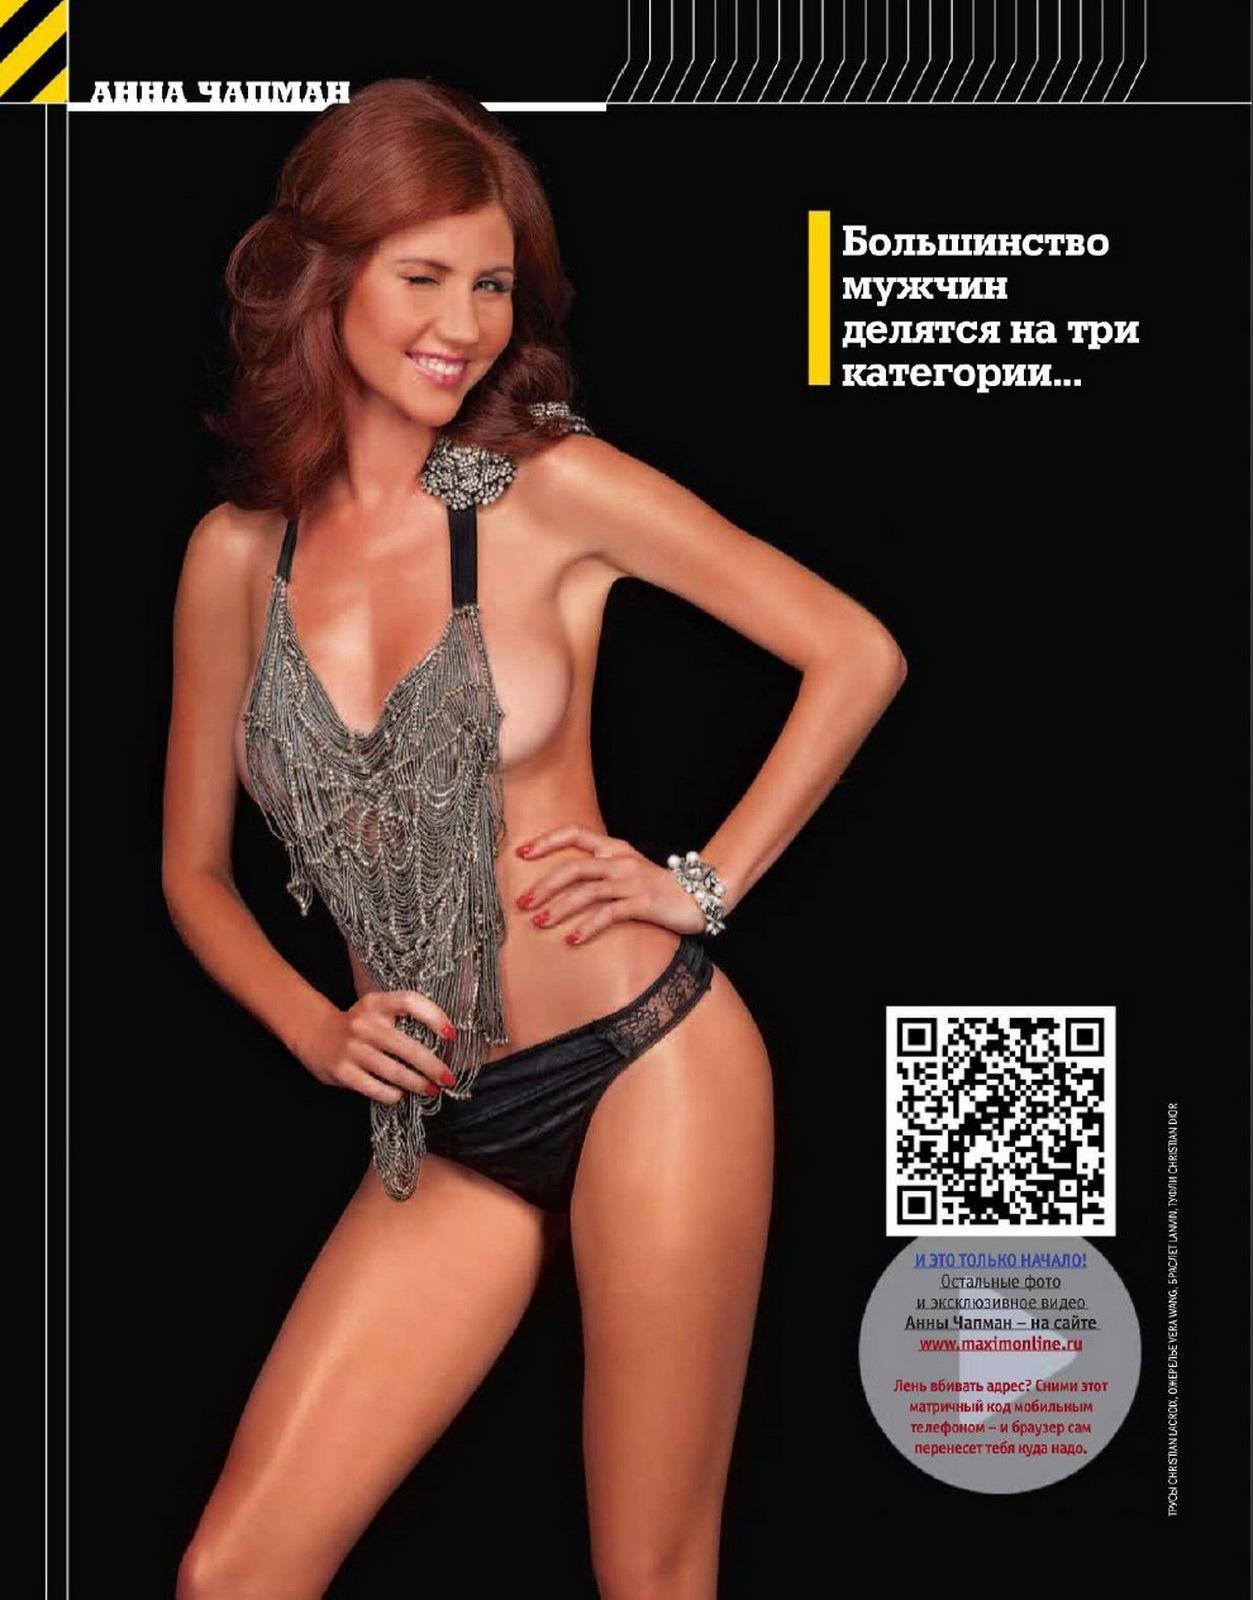 Сексуальные знаменитости россии 3 фотография